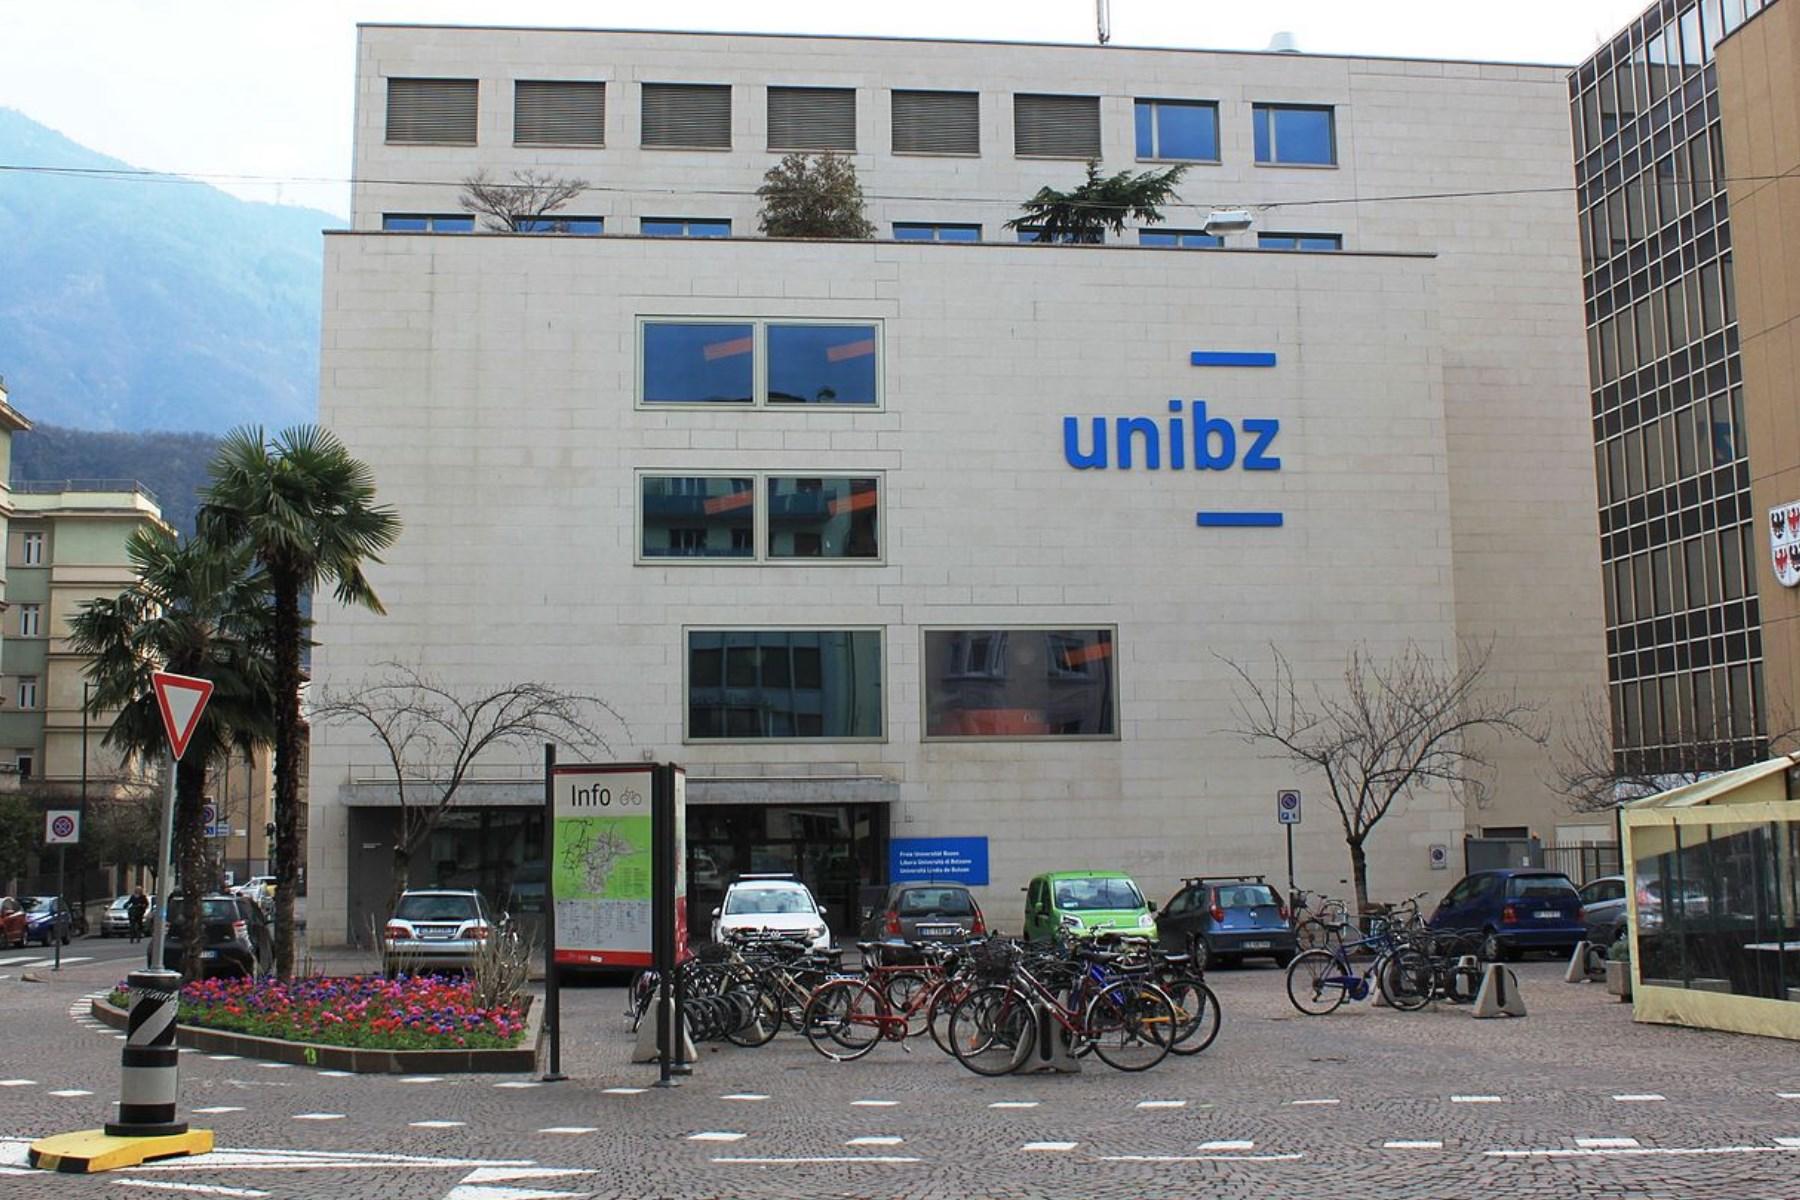 Anfrage | Sprachnachweise an der Freien Universität Bozen im Widerspruch zu geltendem Recht